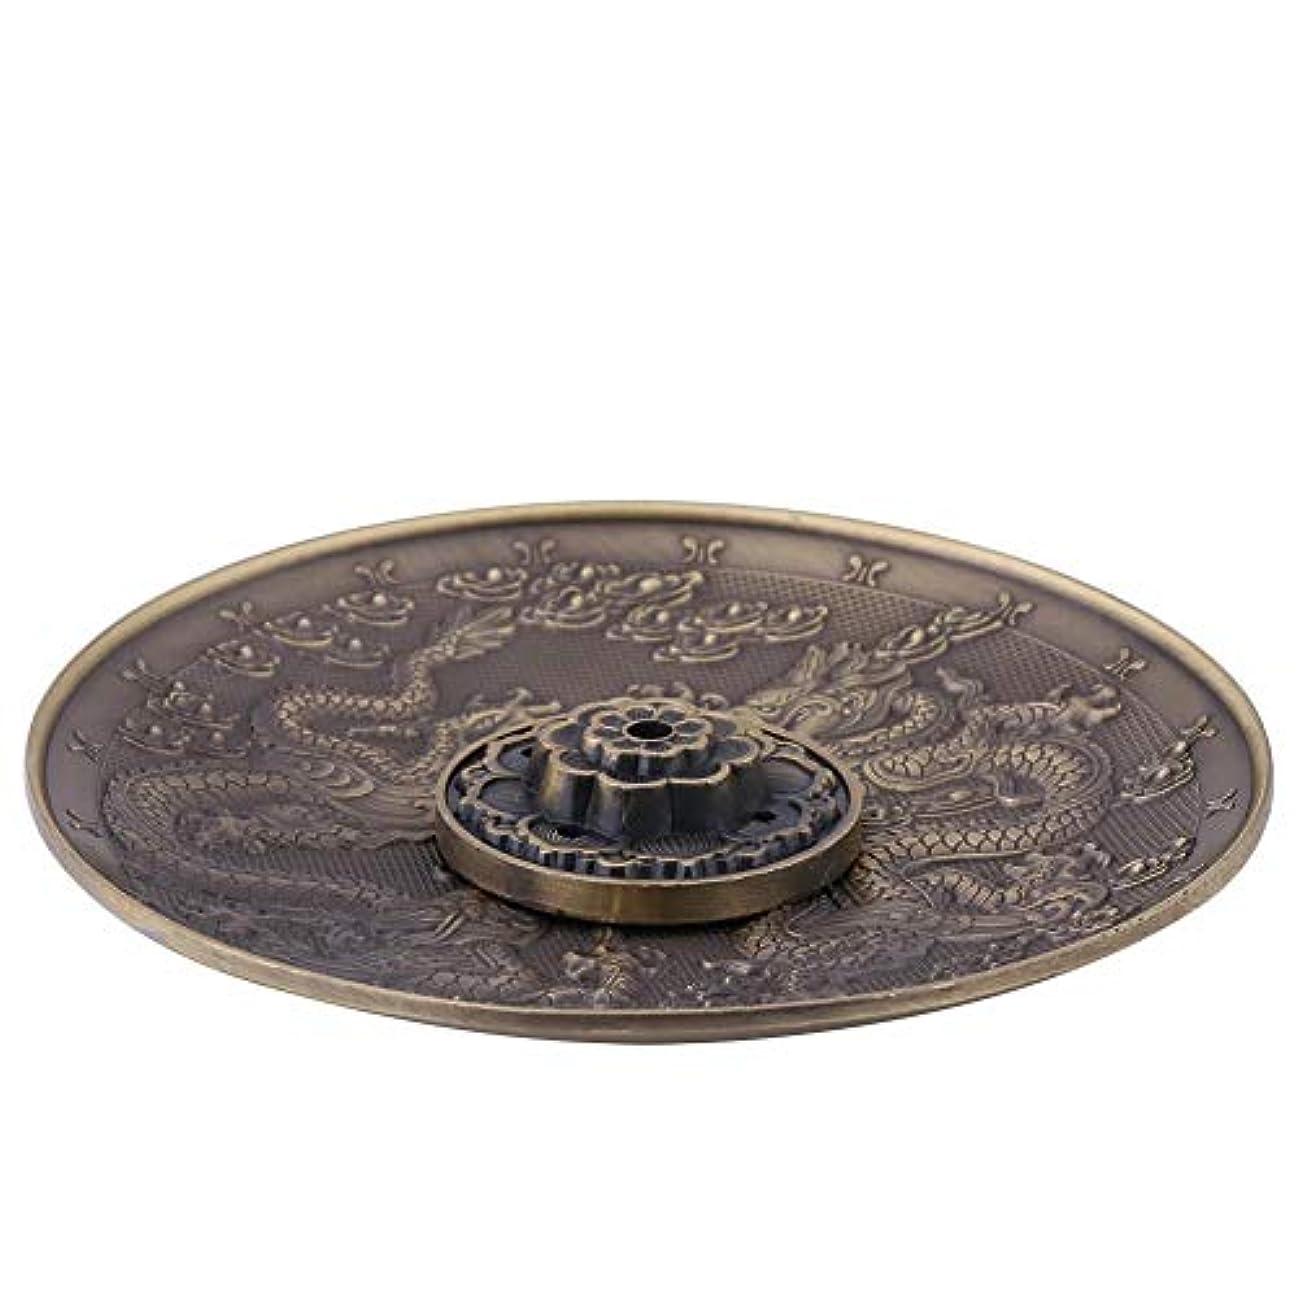 見分ける厚くするガジュマル金属バーナーホルダー5穴亜鉛合金の香りバーナーホルダー 寝室の寺院の装飾 ドラゴンパターンの香炉プレート(#2)